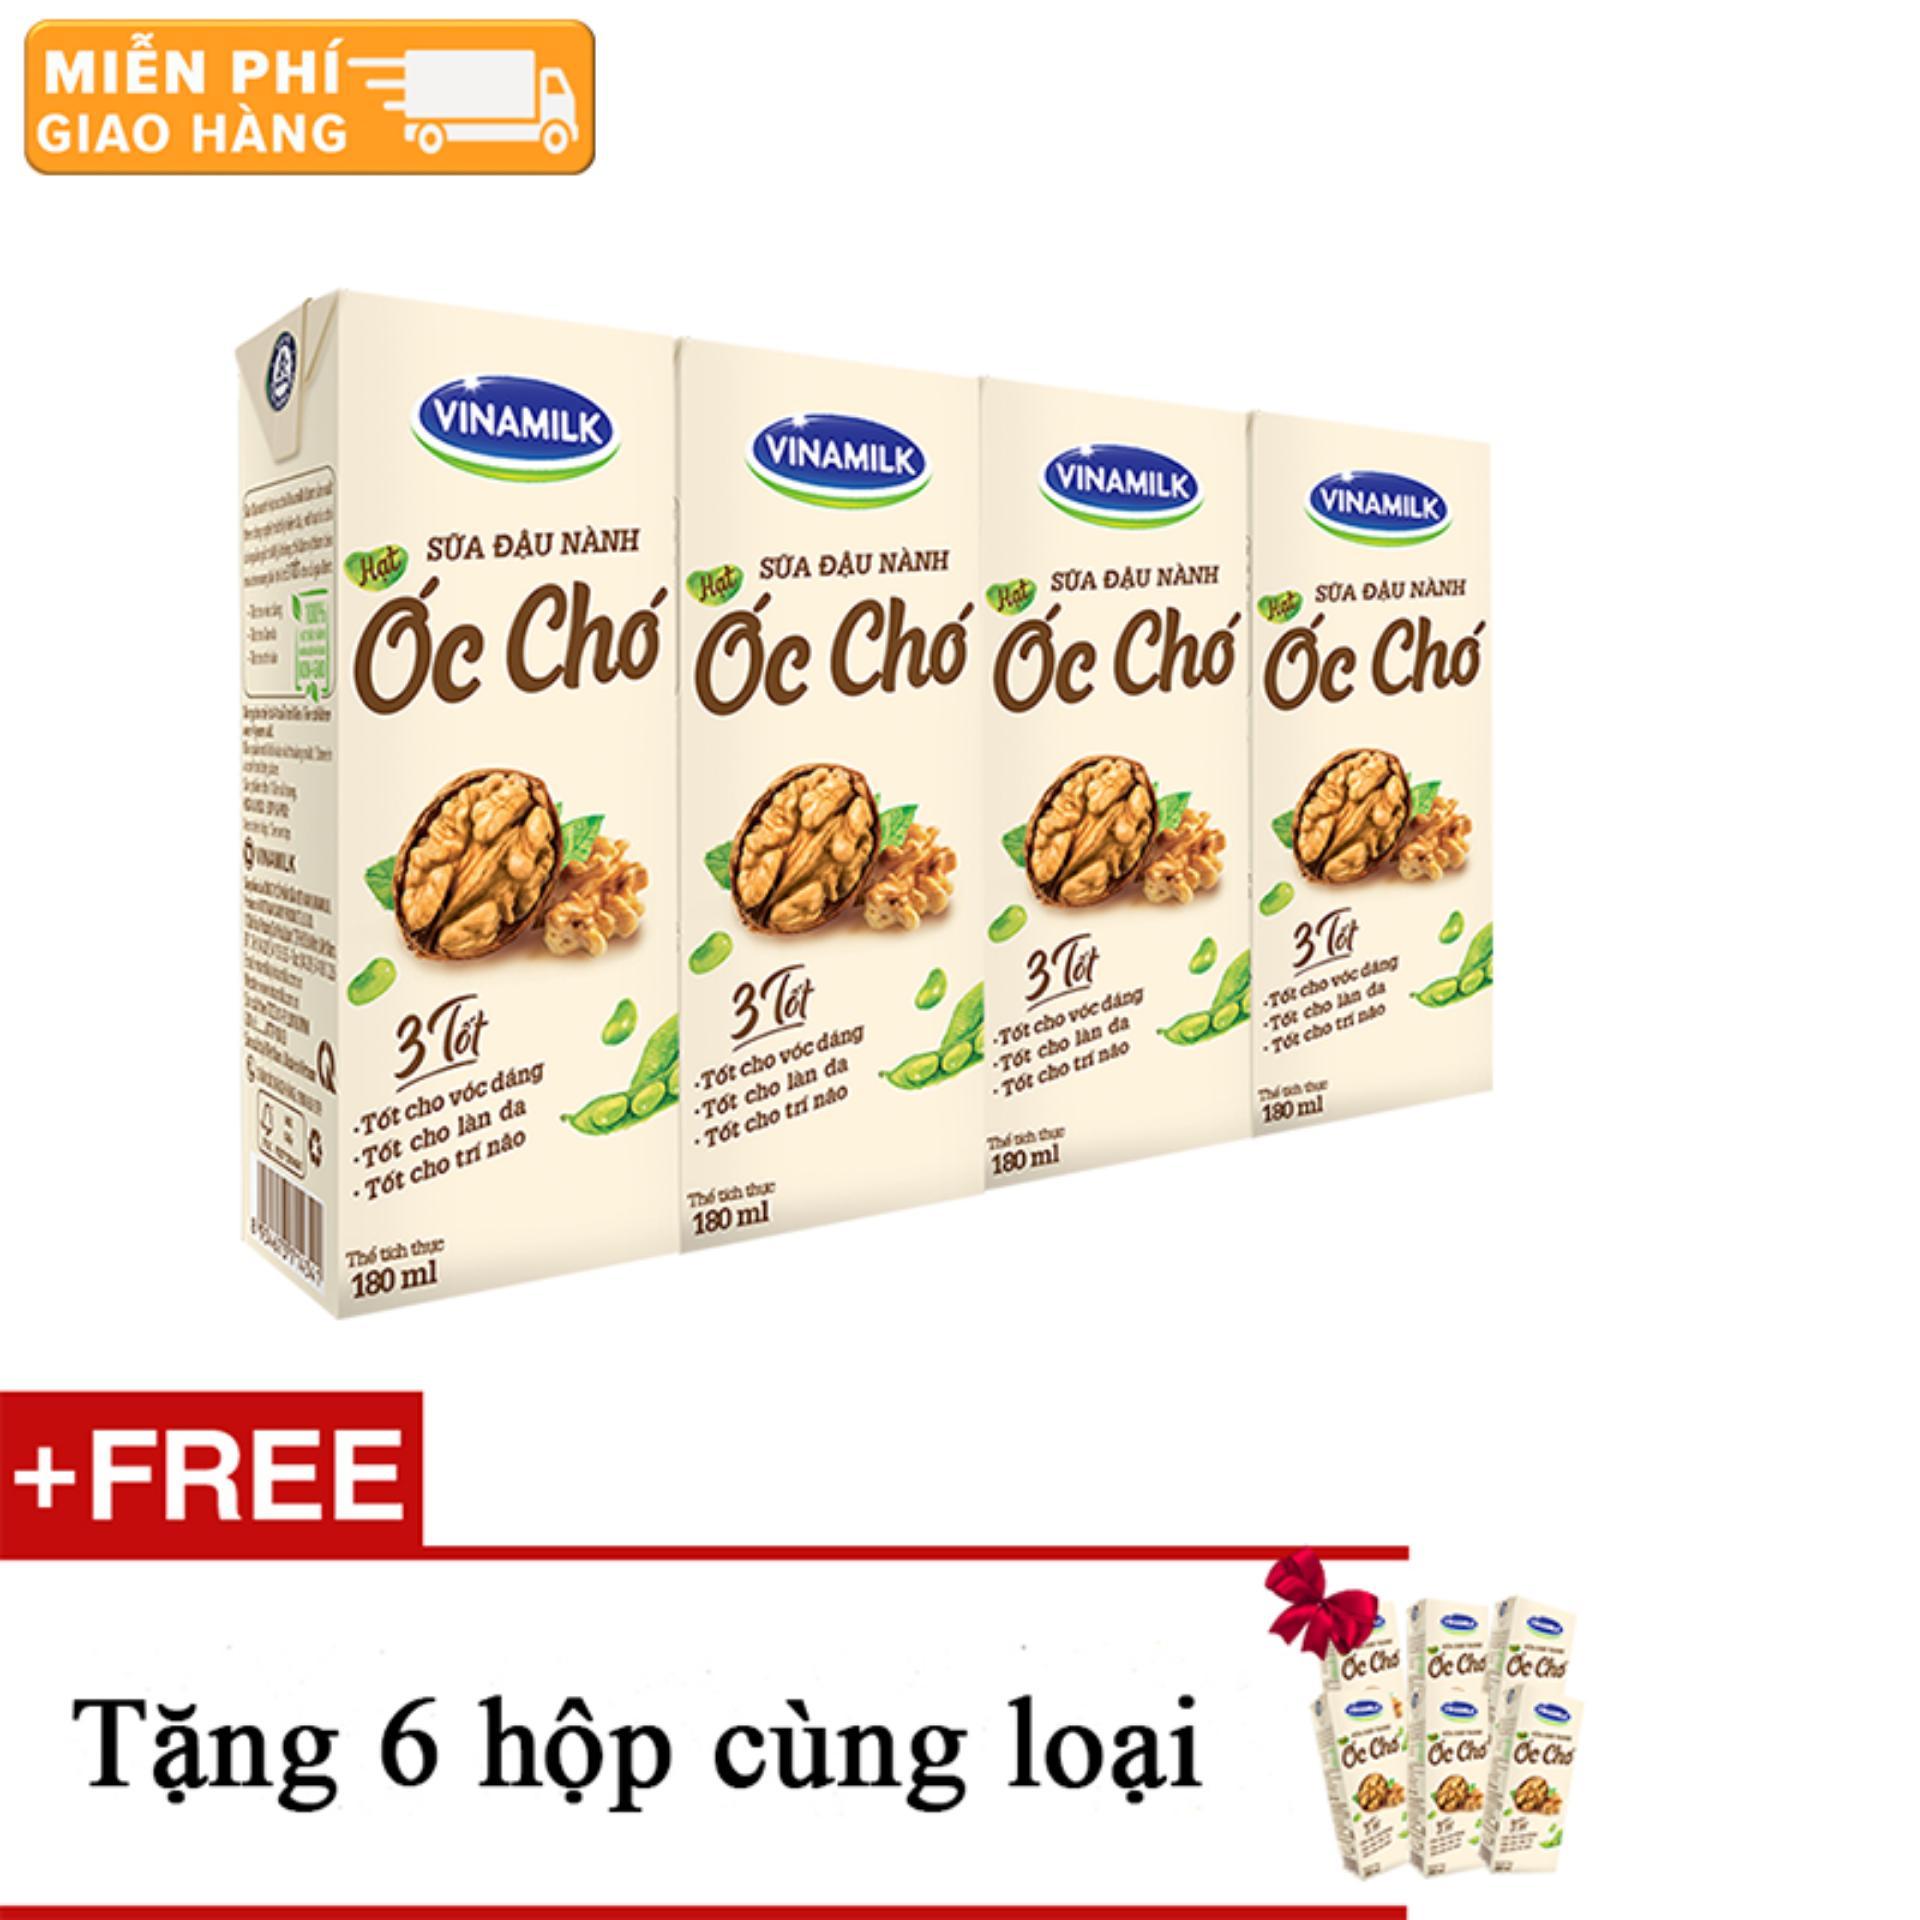 Thùng 12 lốc Sữa đậu nành Vinamilk hạt Óc chó - Lốc 4 hộp x 180ml+ Tặng 6 hộp cùng loại